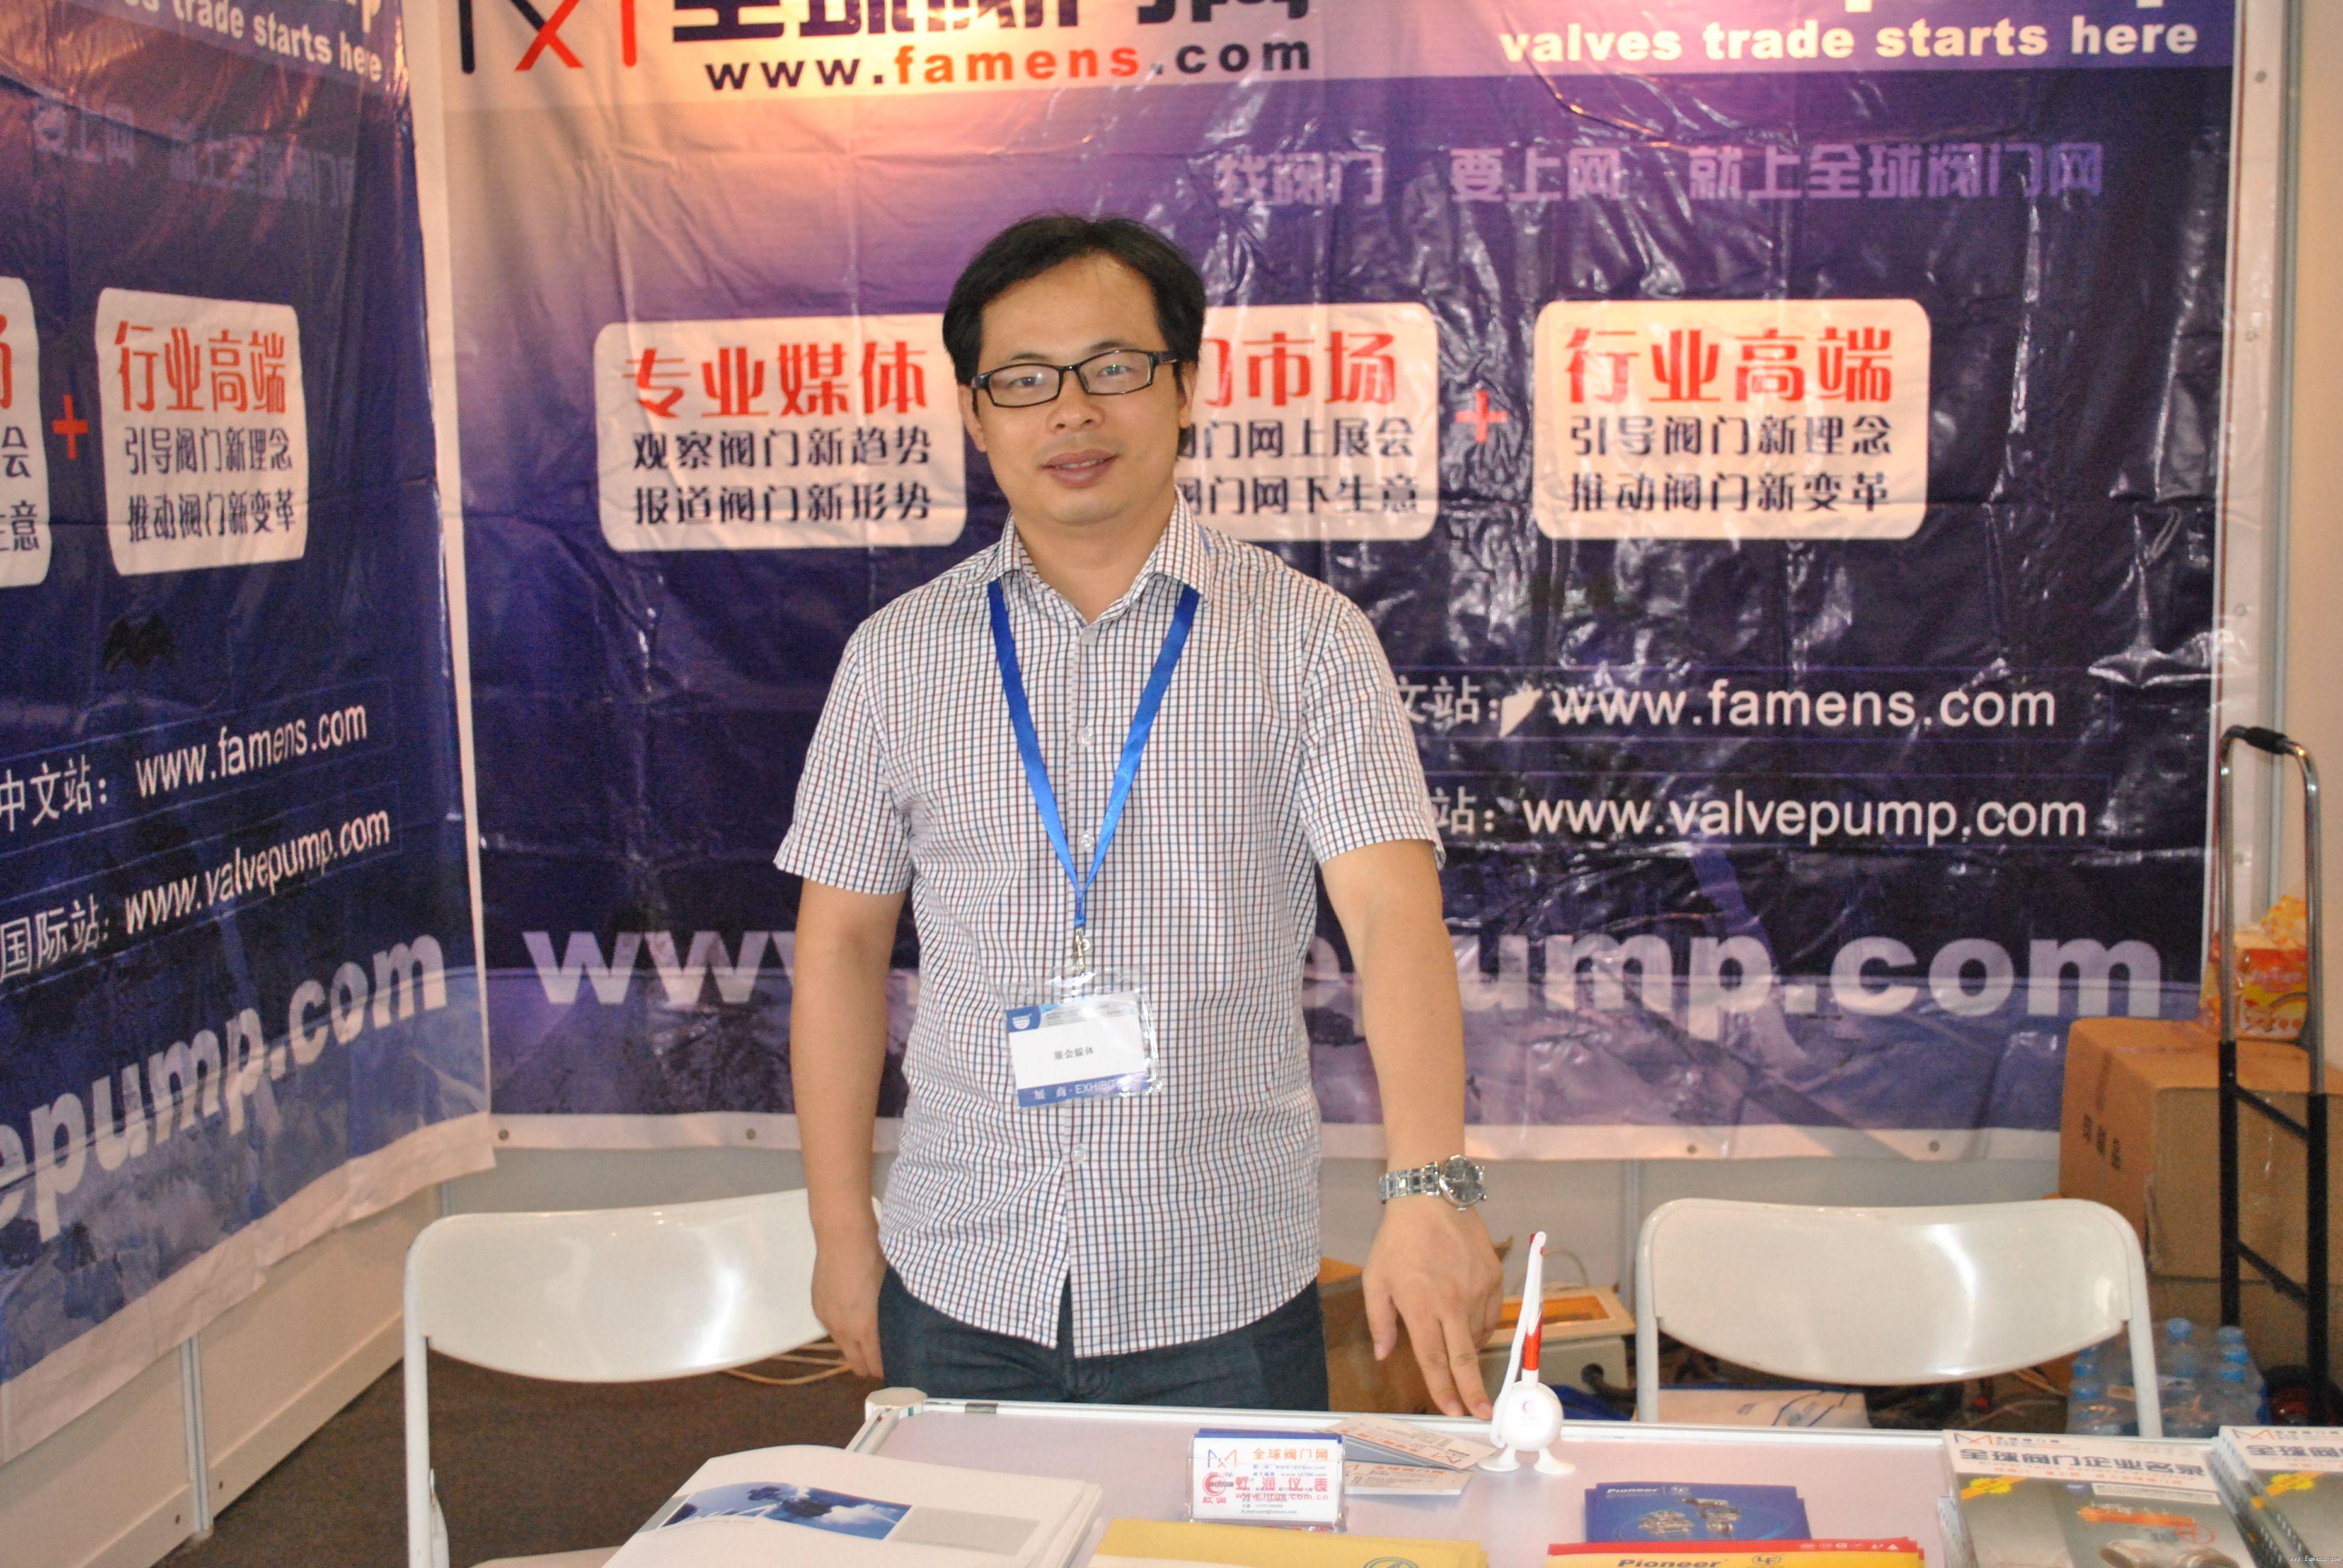 全球閥門網參加第二十三屆多國儀器儀表學術會議暨展覽會